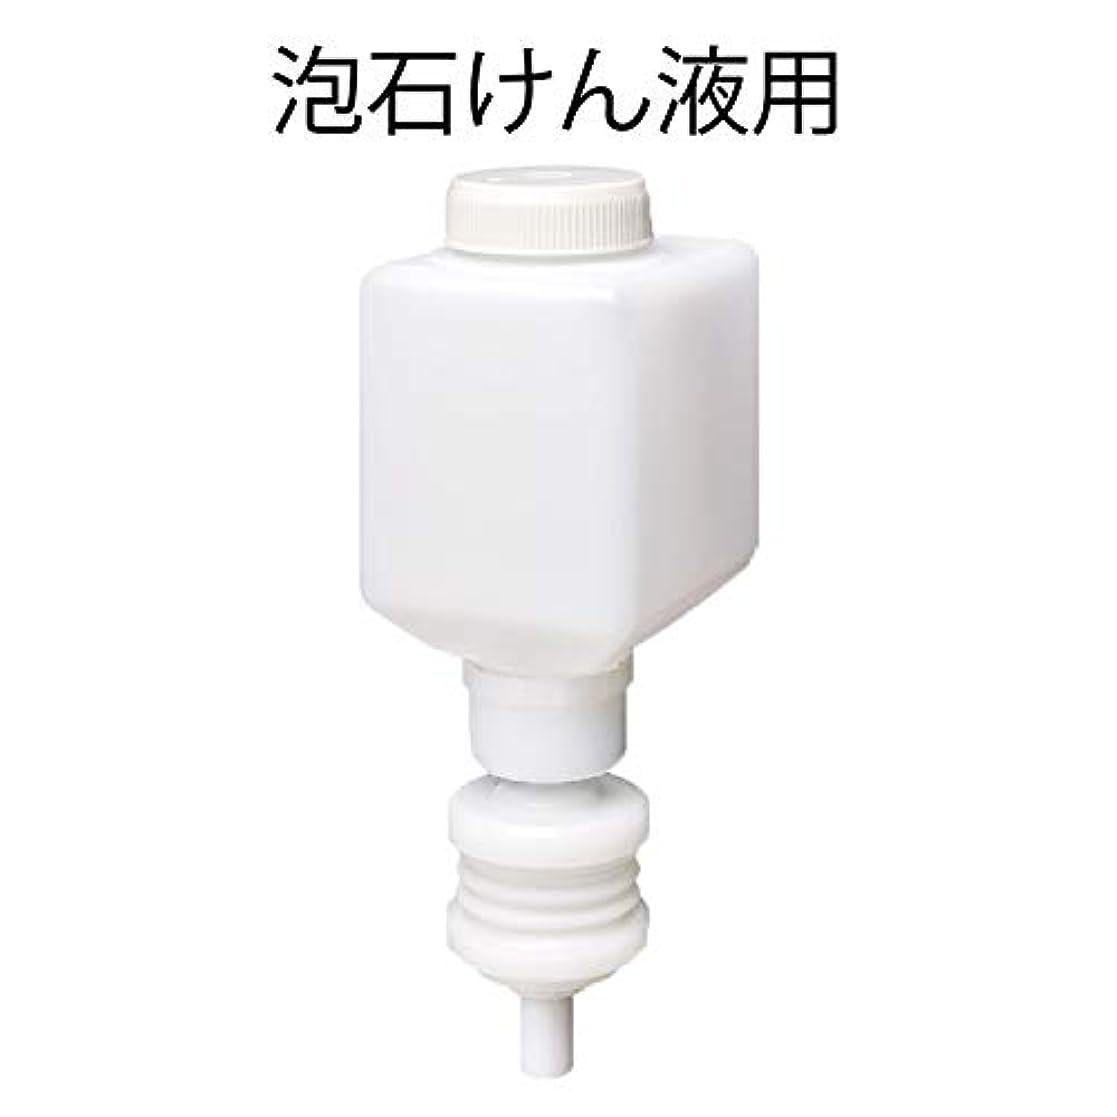 合理化蜜にサラヤ カートリッジボトル 石けん液泡タイプ用 250ml MD-300